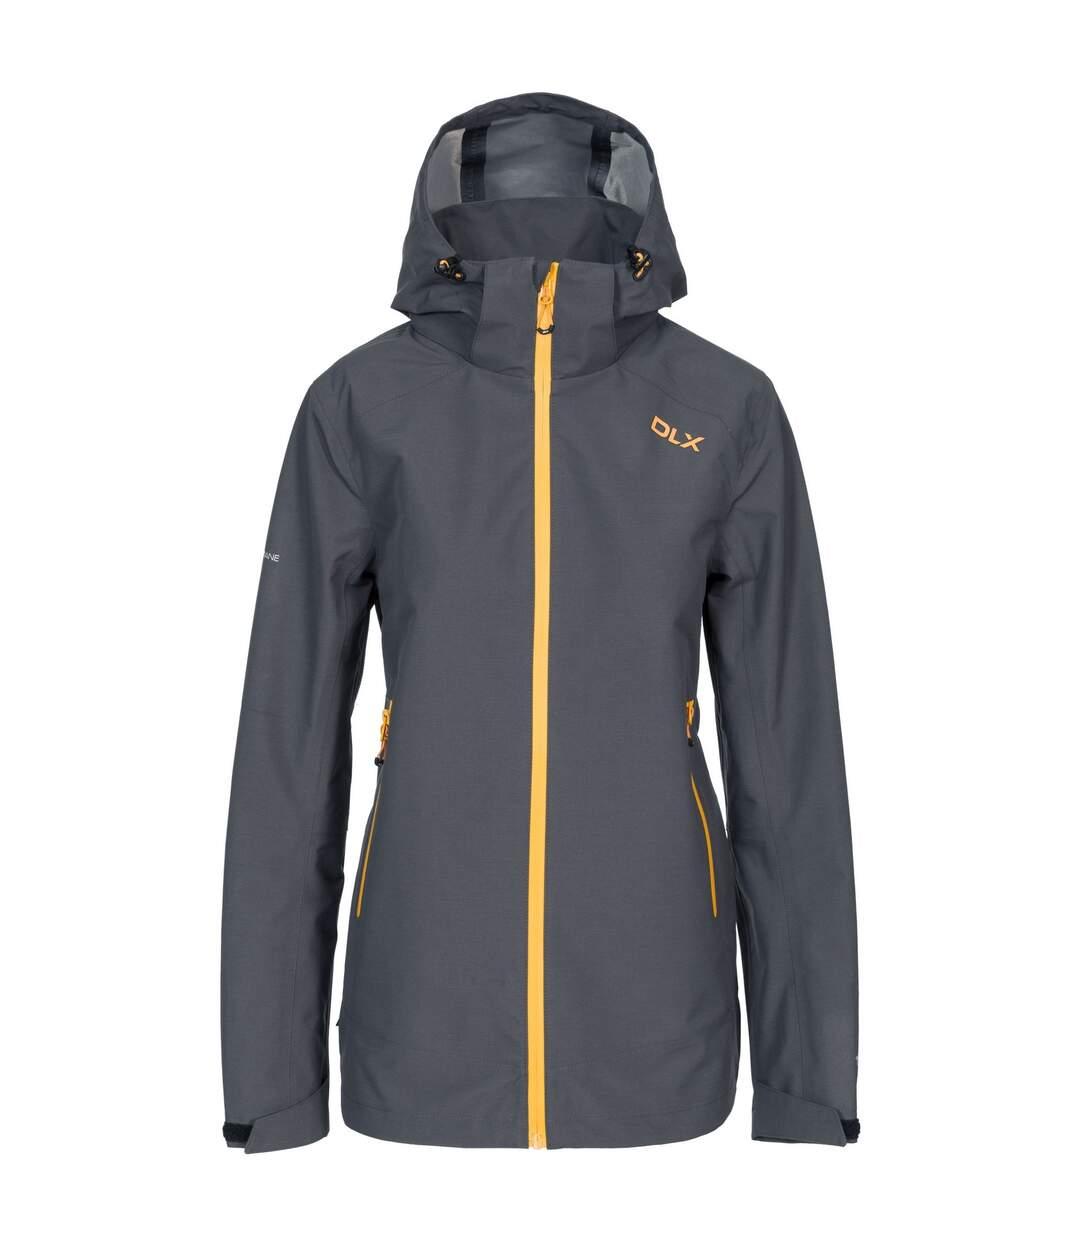 Trespass Womens/Ladies Gayle Waterproof Jacket (Carbon) - UTTP4653